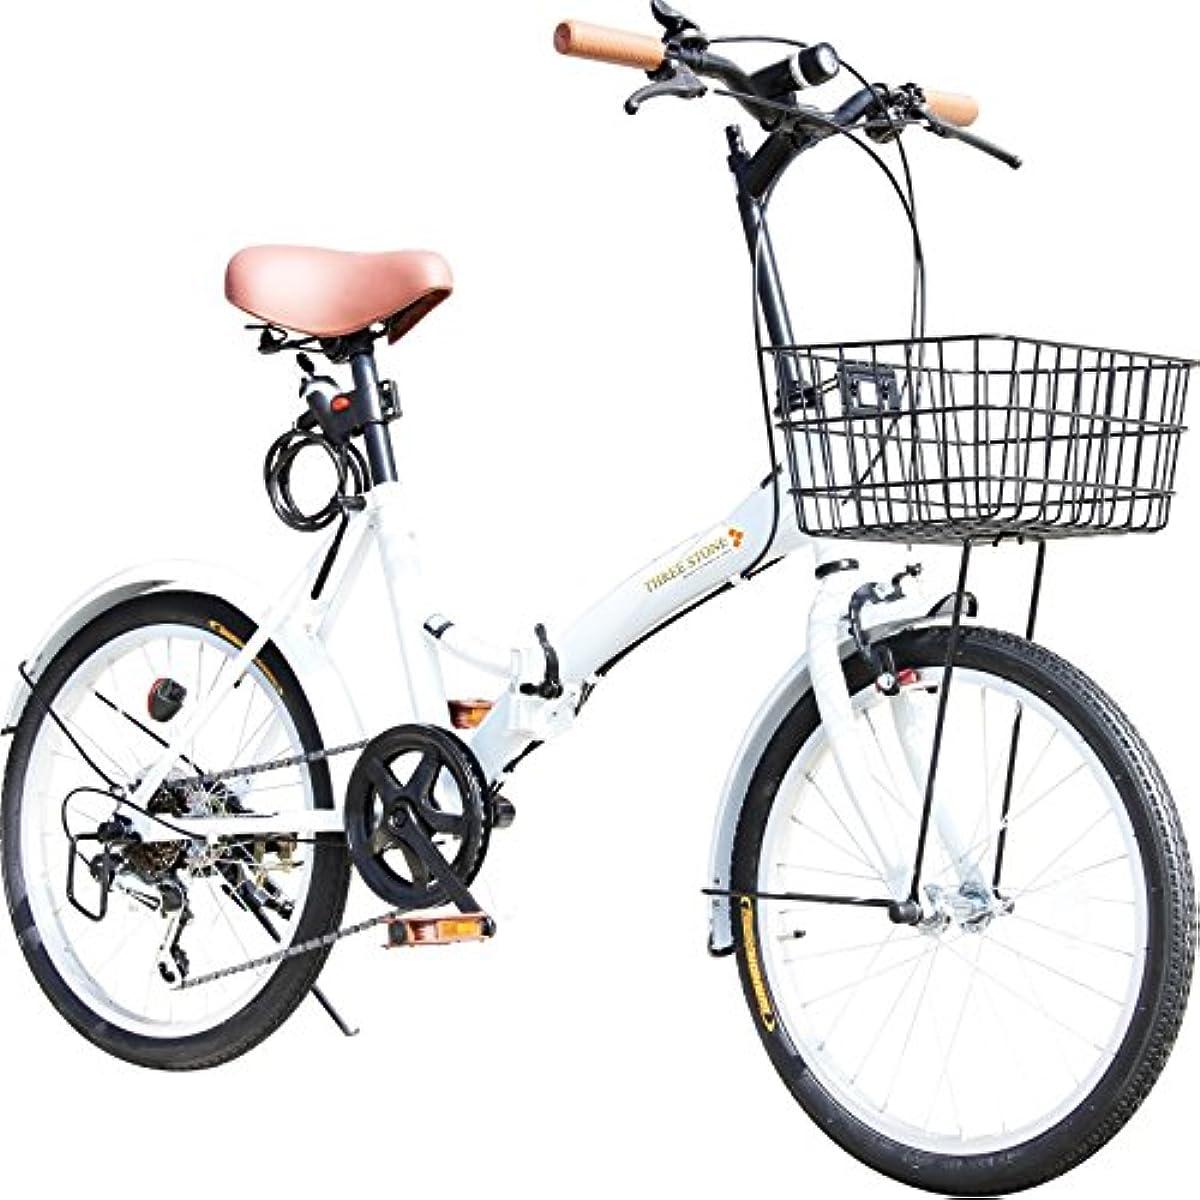 [해외] 접이식 자전거 20인치 P-008 바구니・프론트LED라이트・와이어 그린정 부착 시마노6 단변속 기어 접는 자전거소 경차 미니베로 PL보험 가입